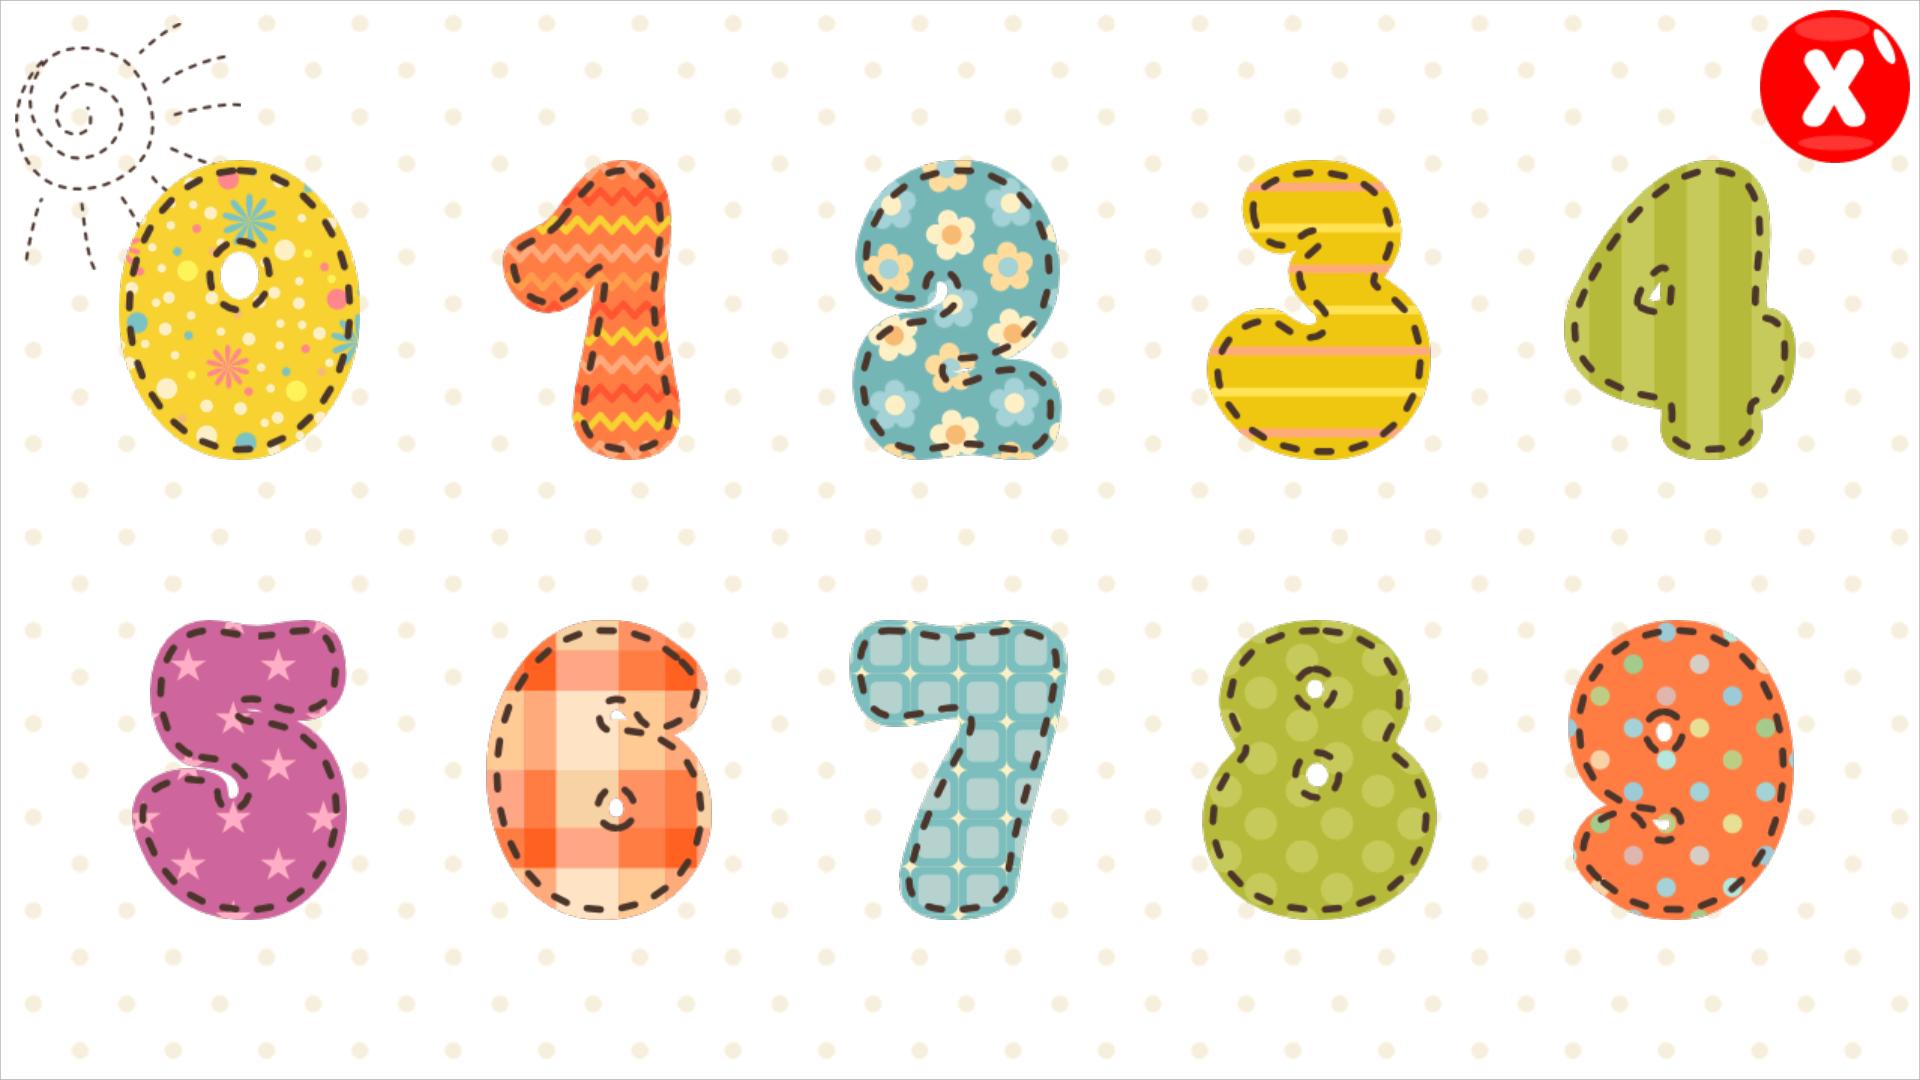 应用中含有10以内的数字发音,宝宝学数数和数字拼图三个版块,让宝宝在